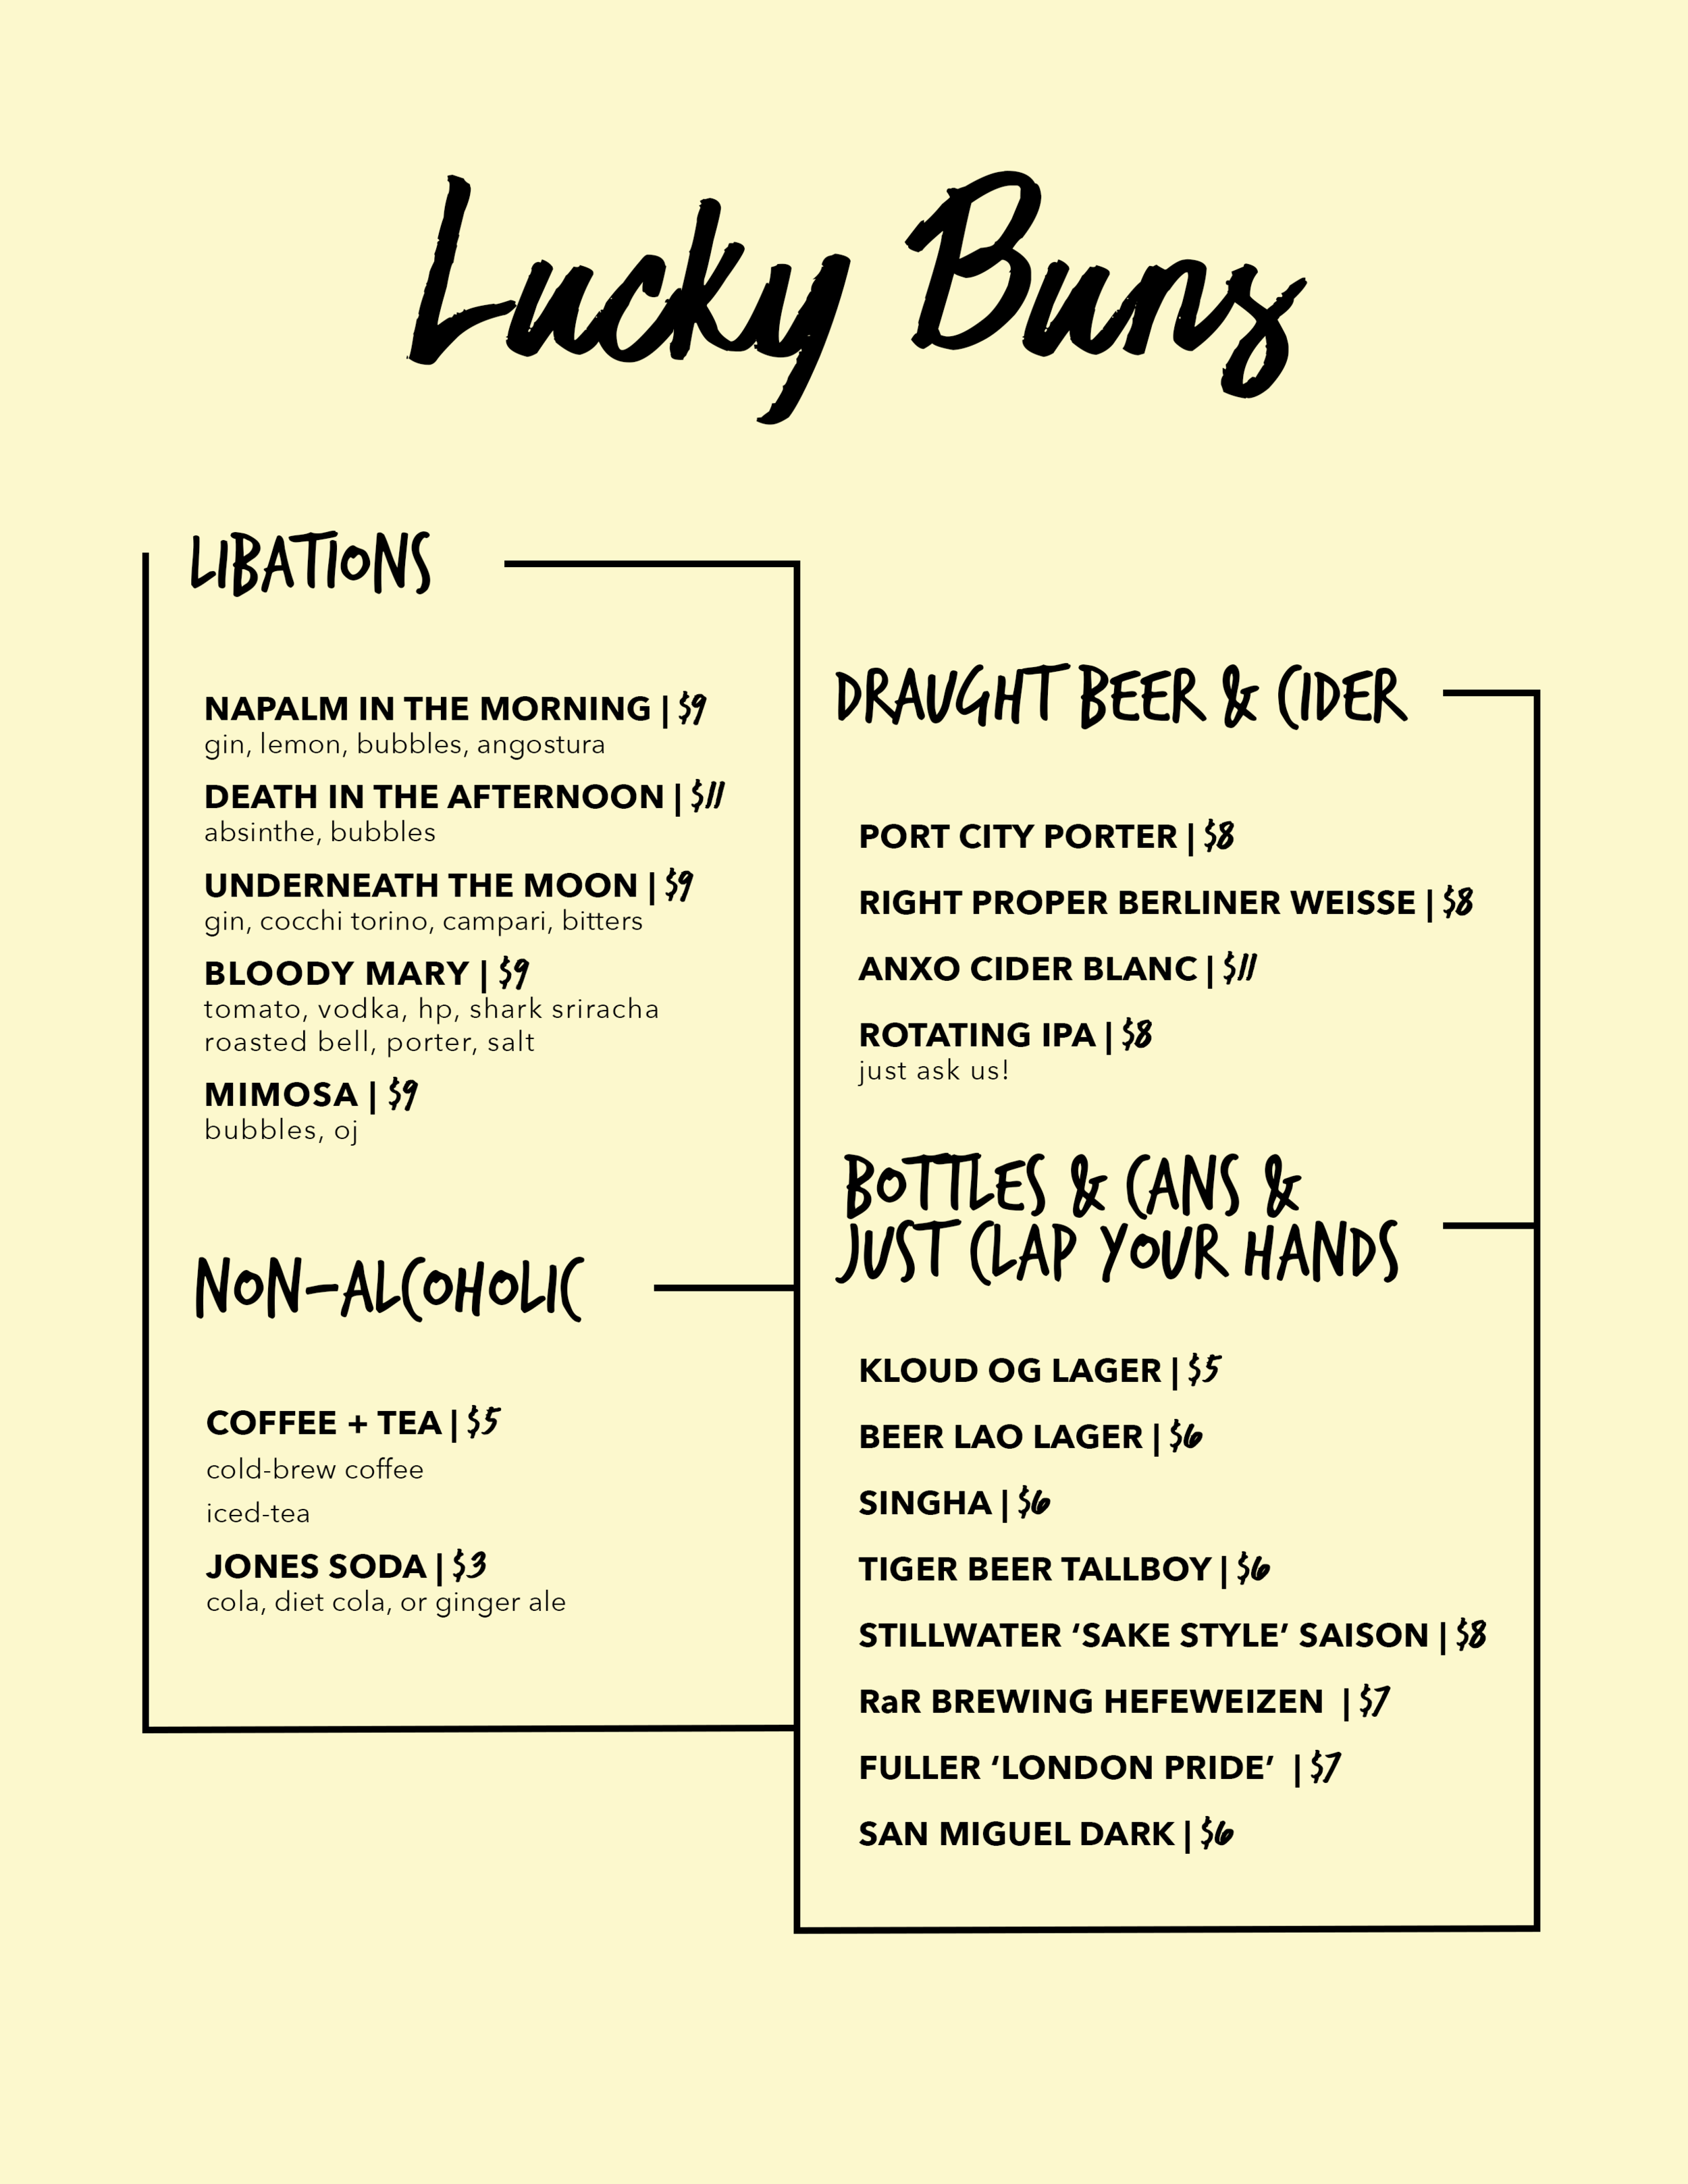 luckybuns_brunchdrinkmenu-website.png